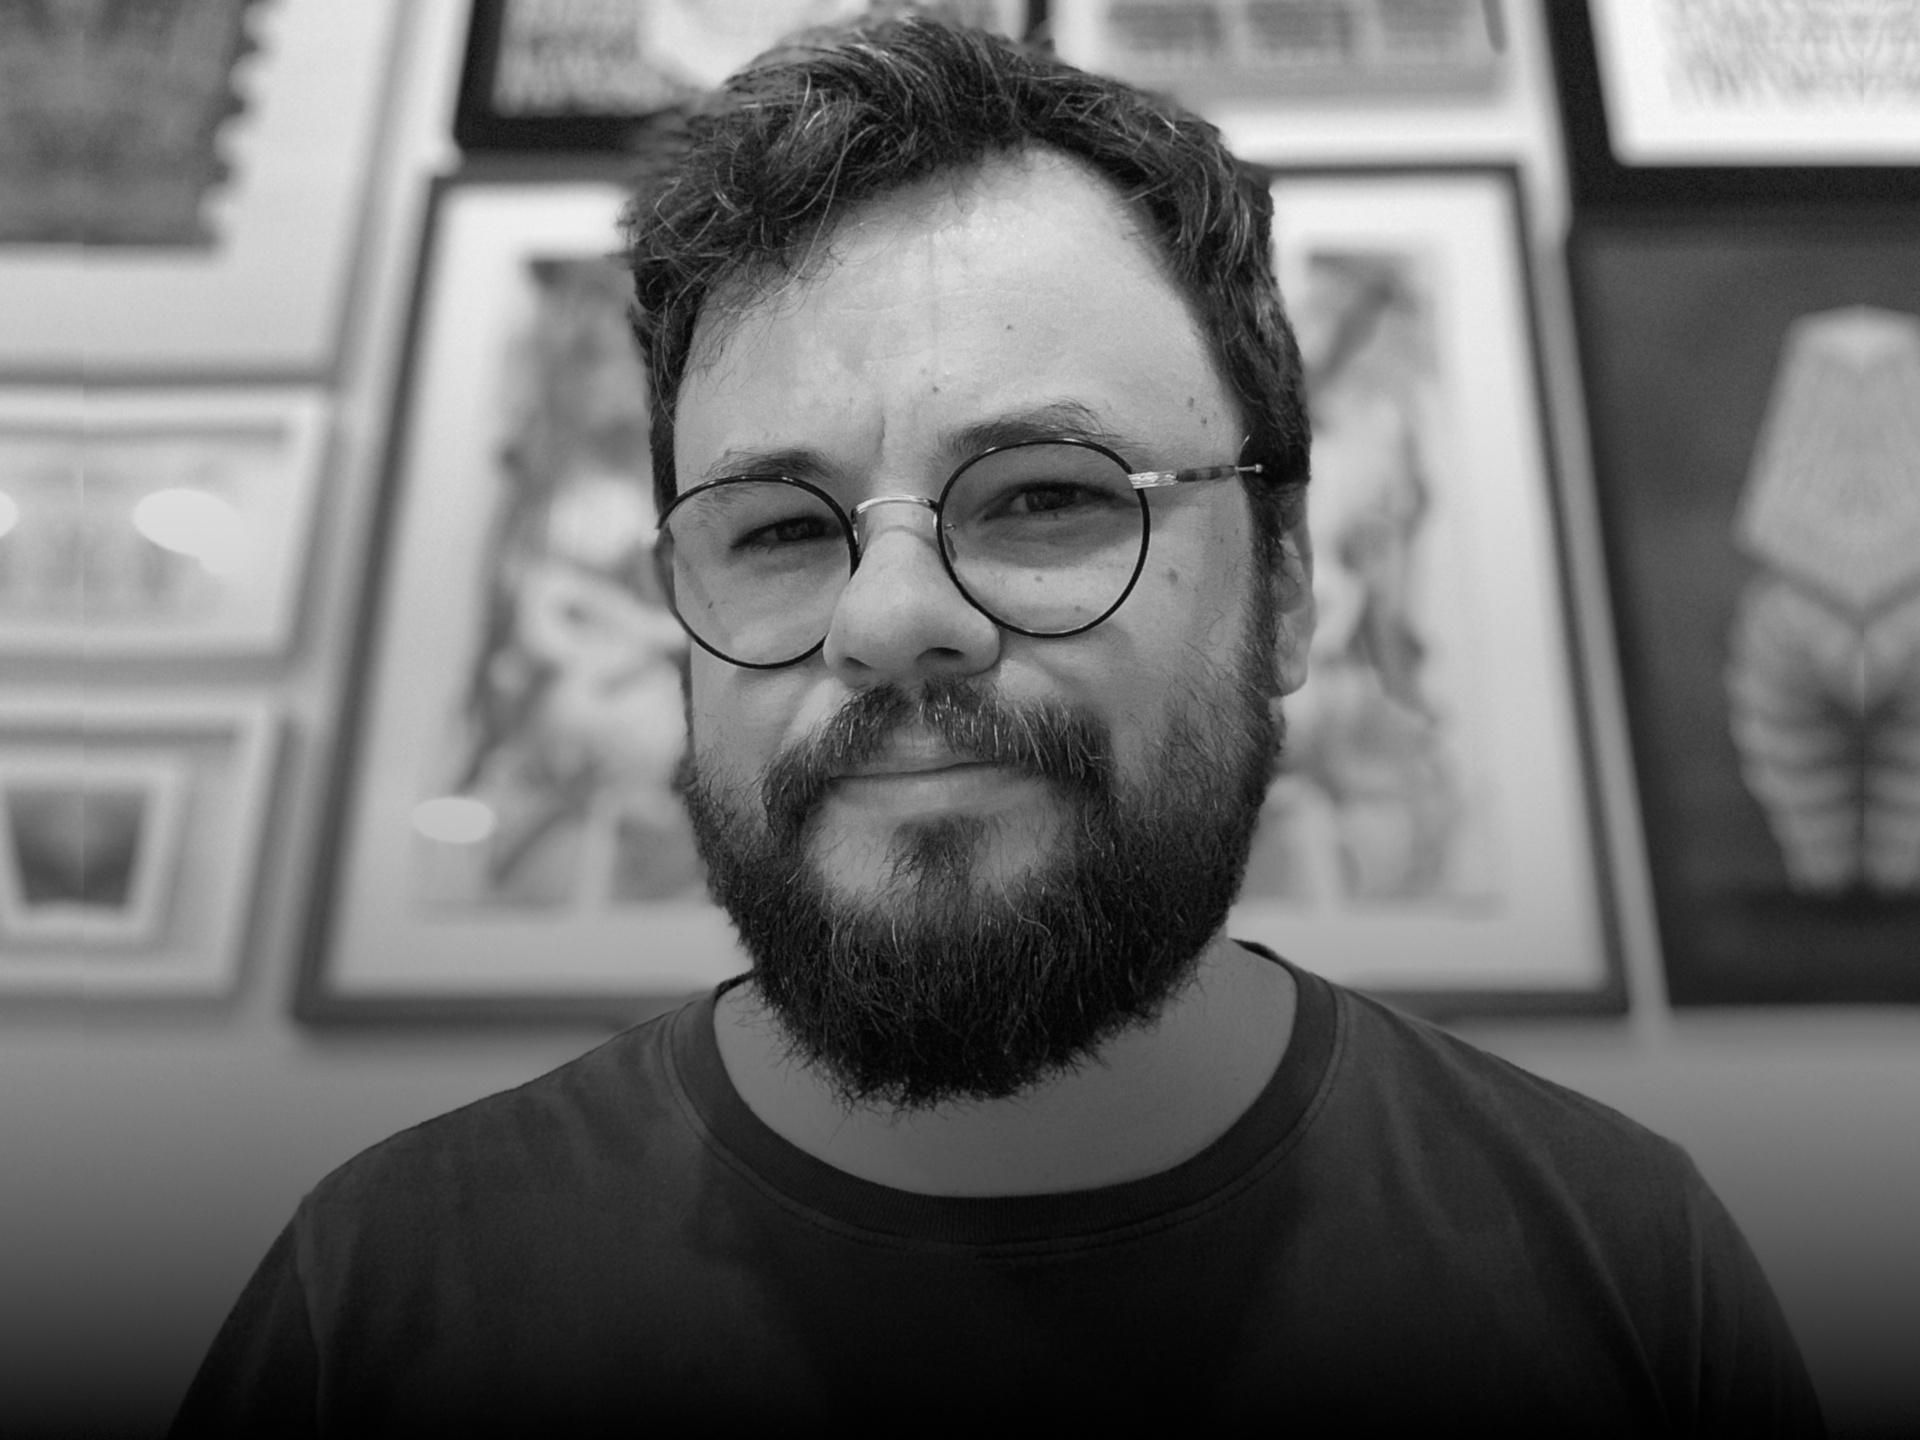 Image of Fabiano de Queiroz Tatu